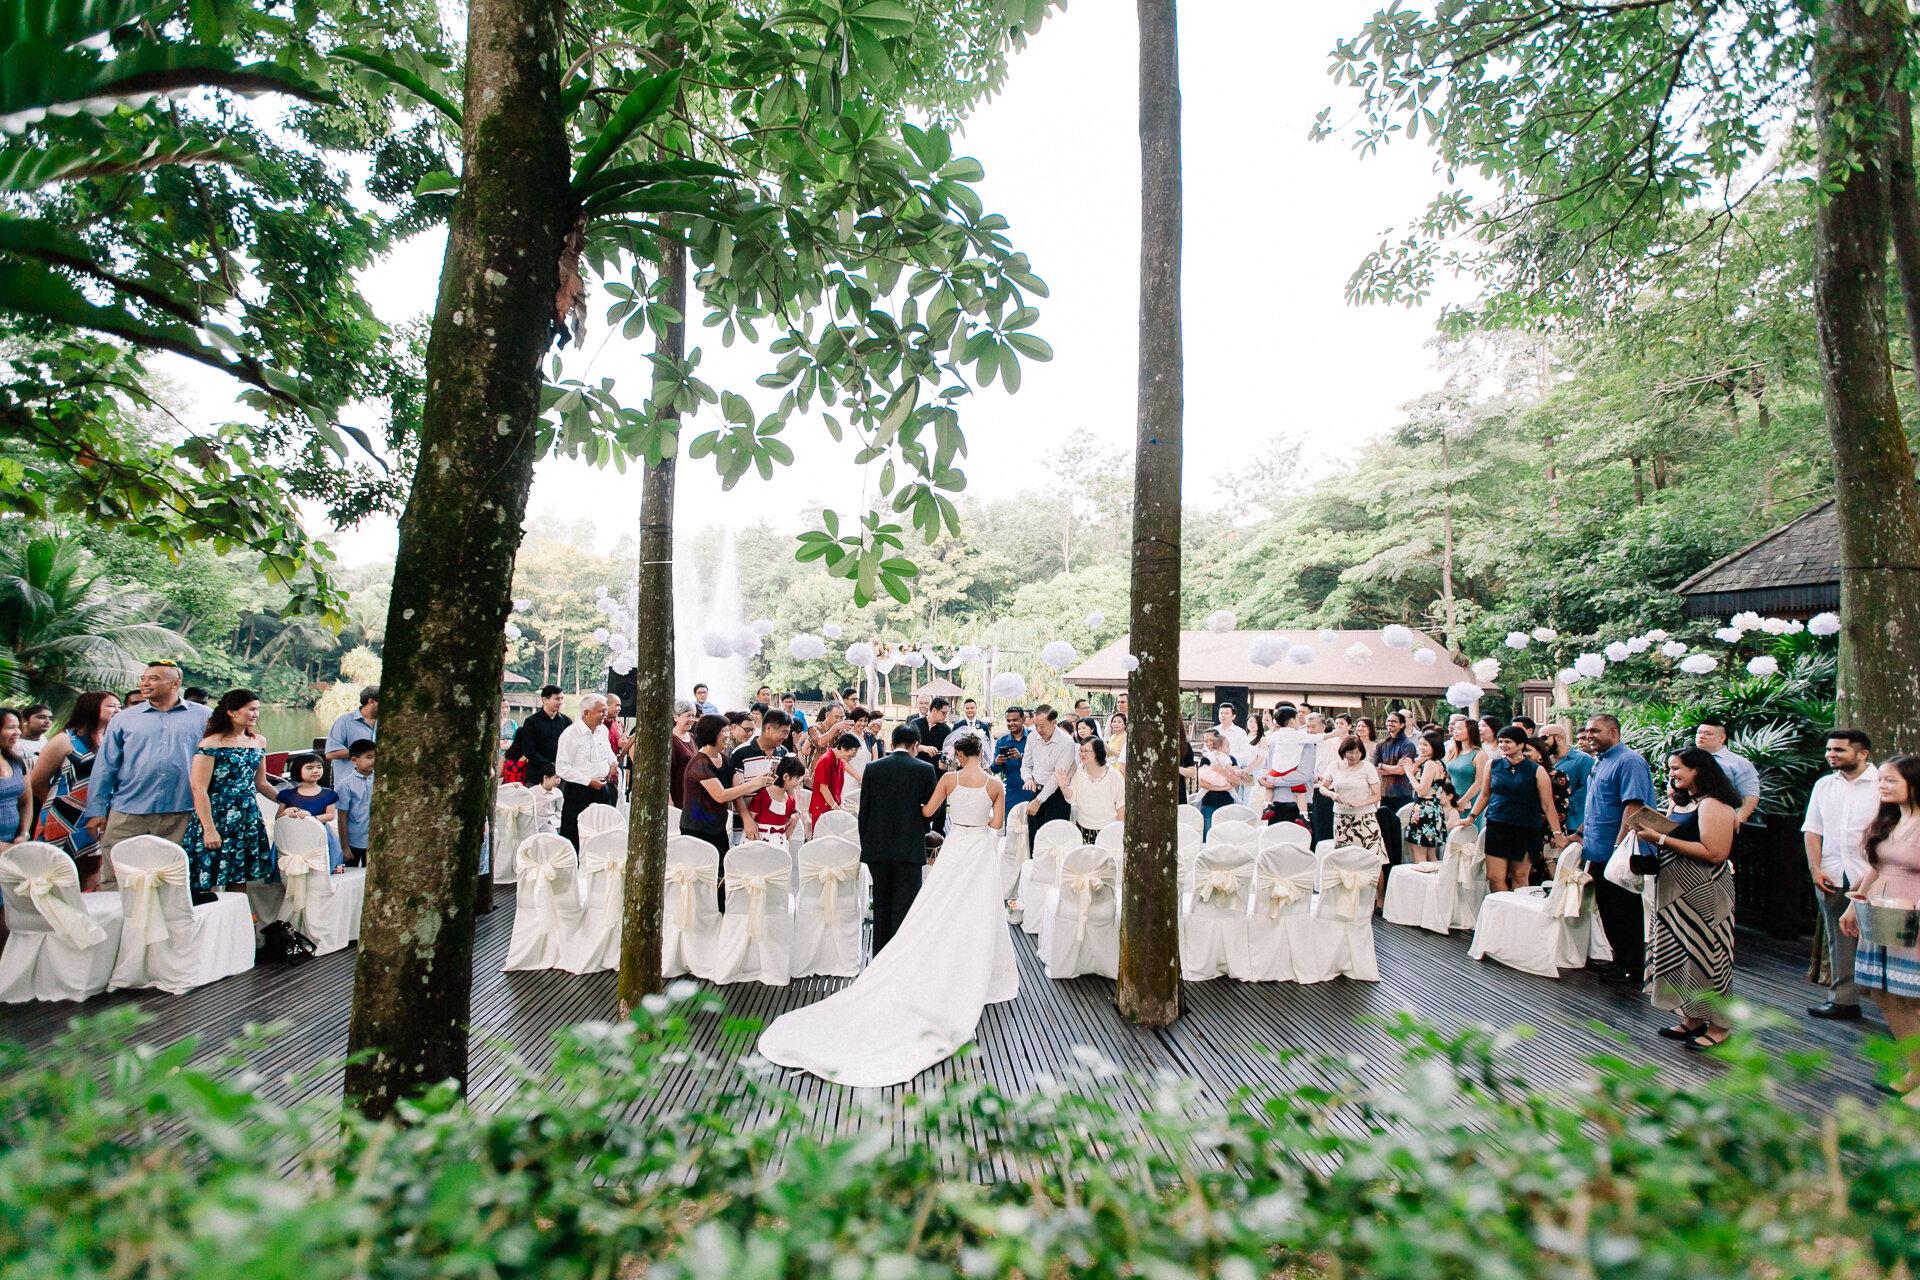 ZAB & JOANNA - Garden Wedding at Gita Bayu